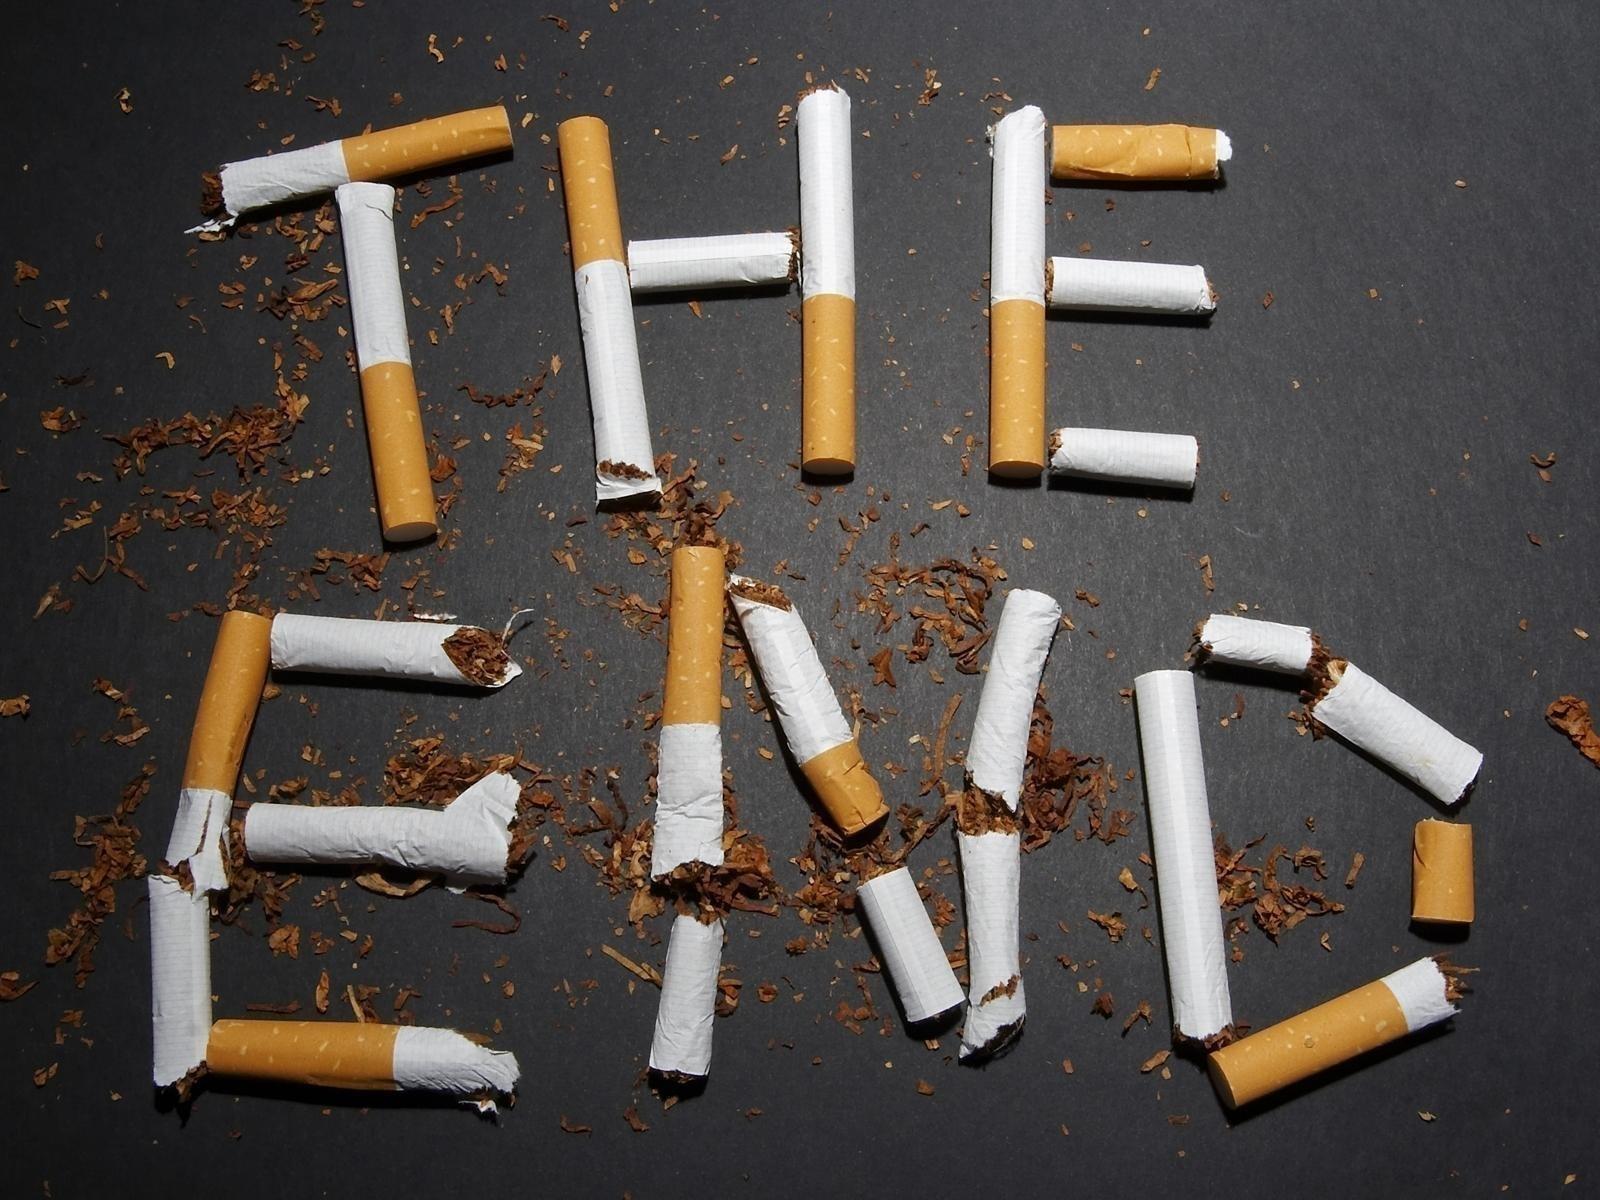 И уменьшению употребления табачных изделий и их вредного скачать песню пачка сигарет бесплатно онлайн